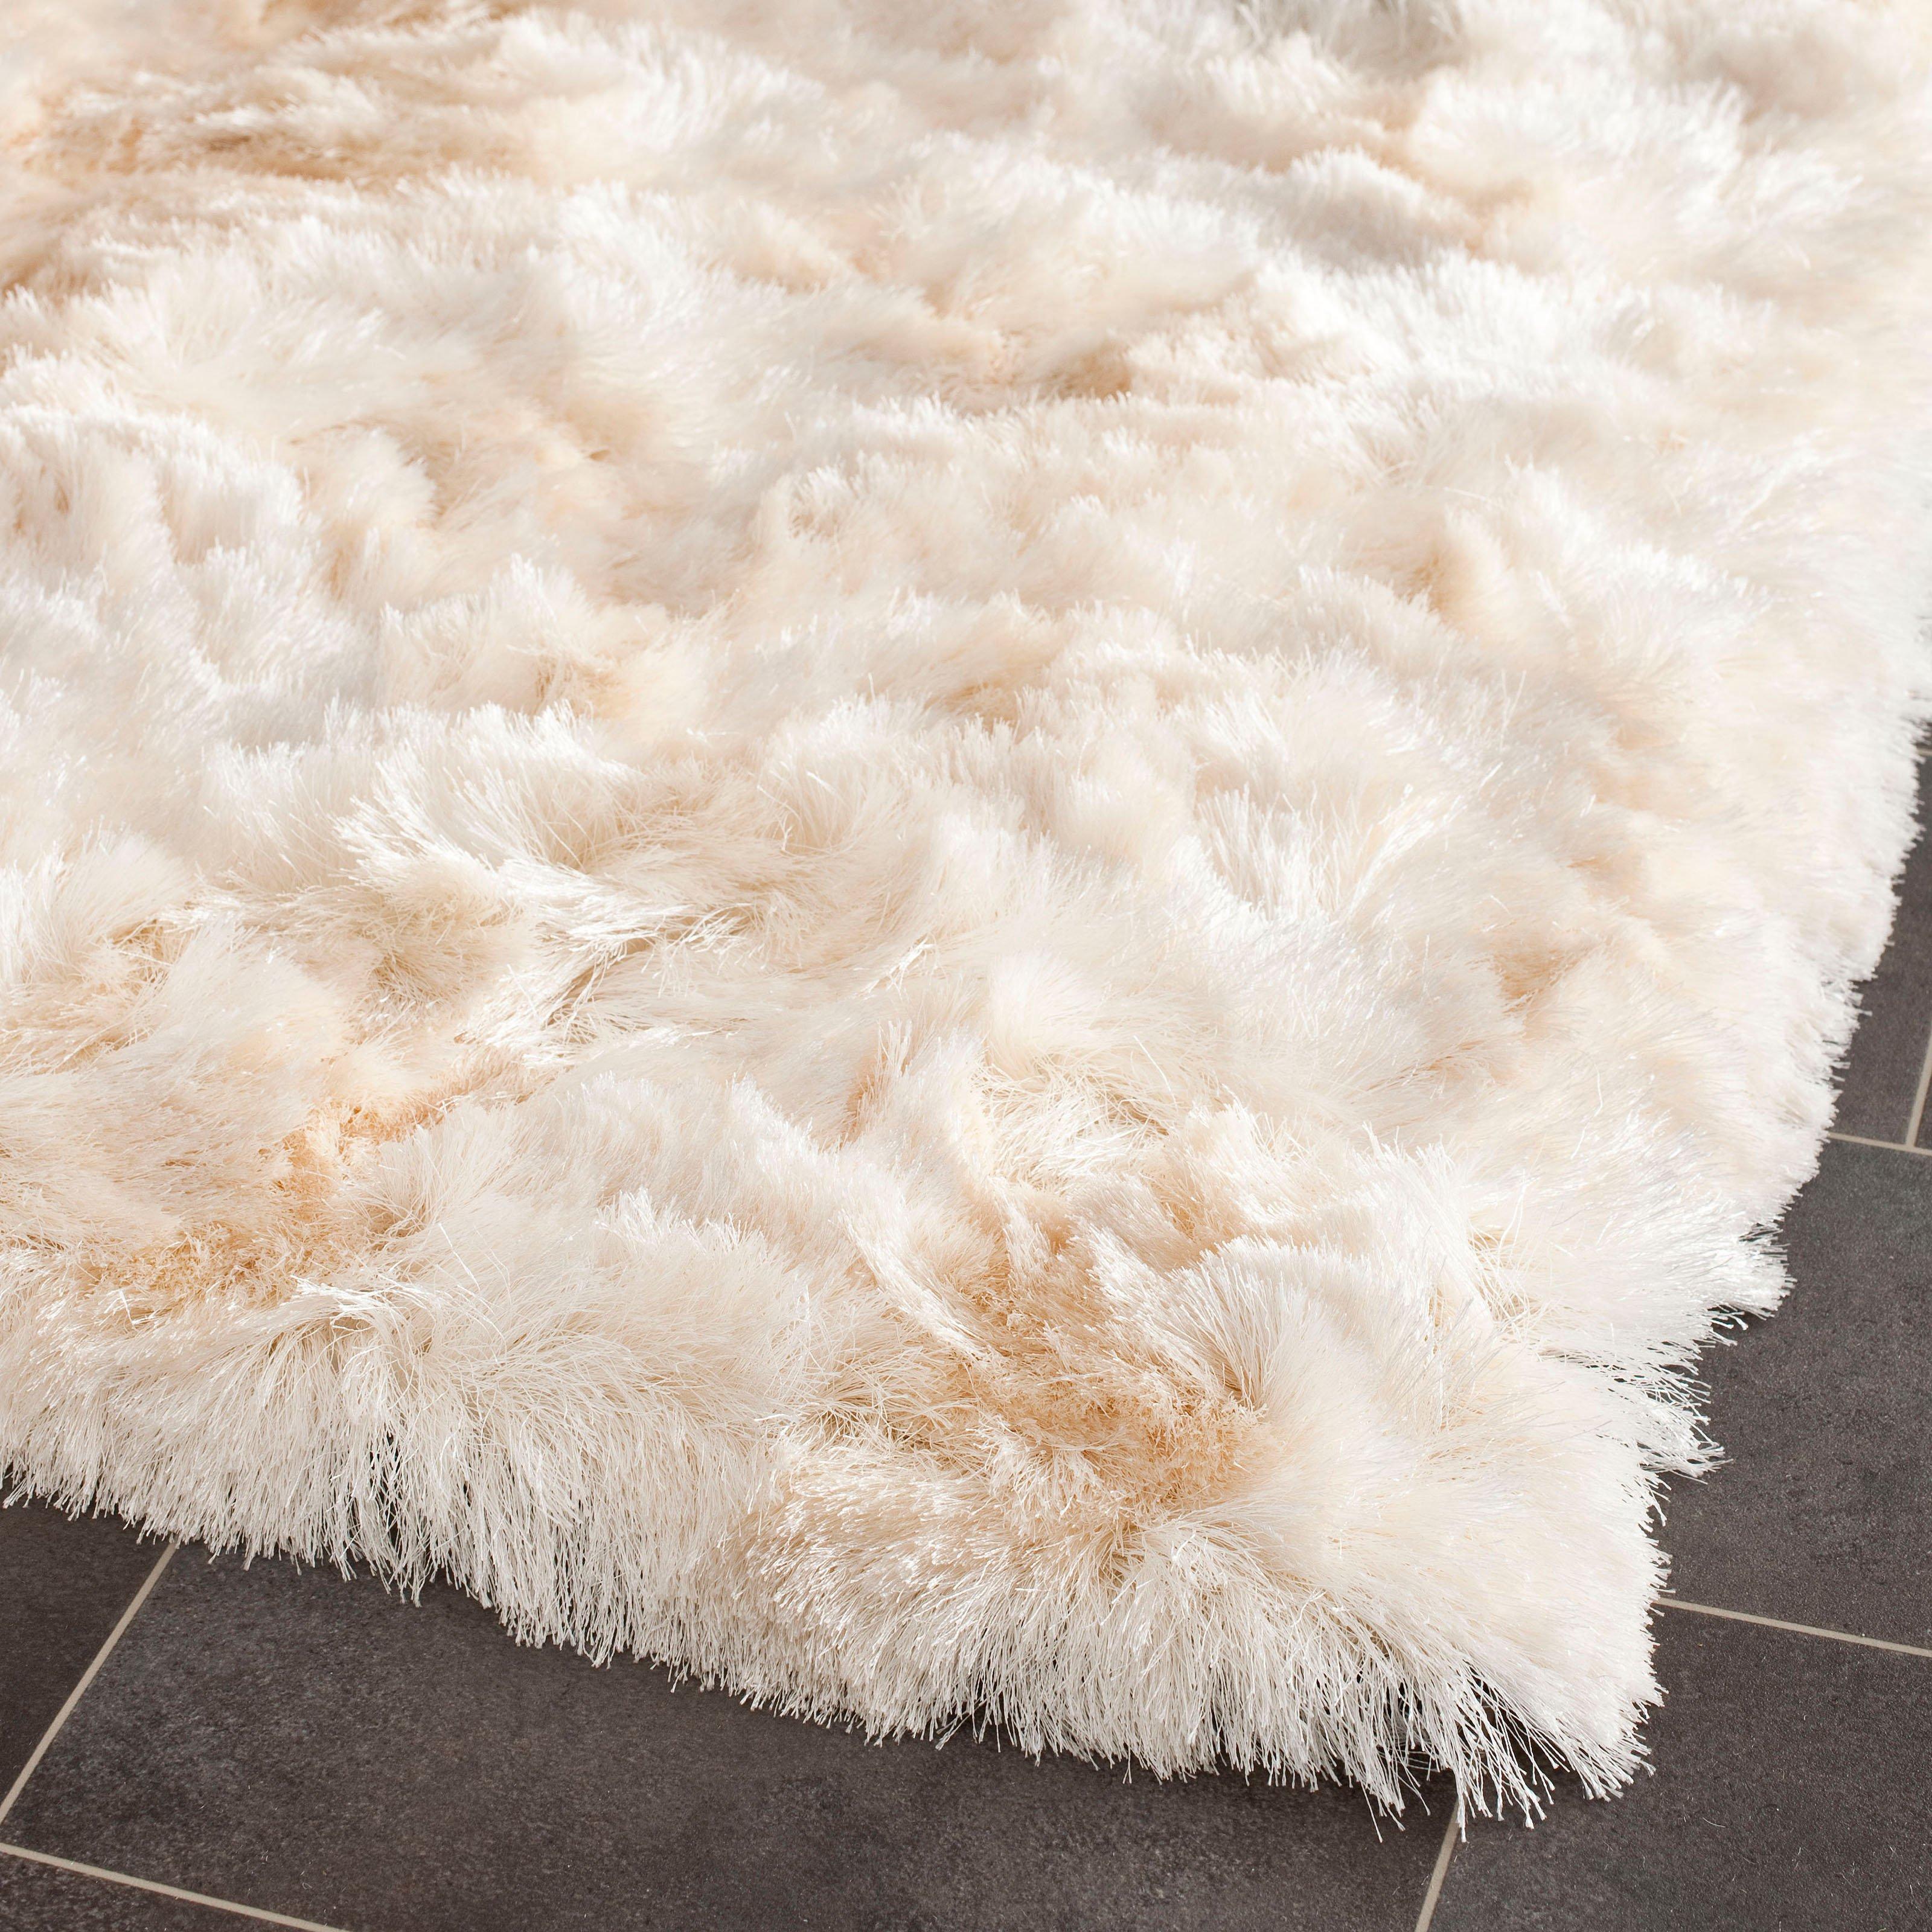 shag rugs safavieh sg511 shag rug - walmart.com YCVGOEQ